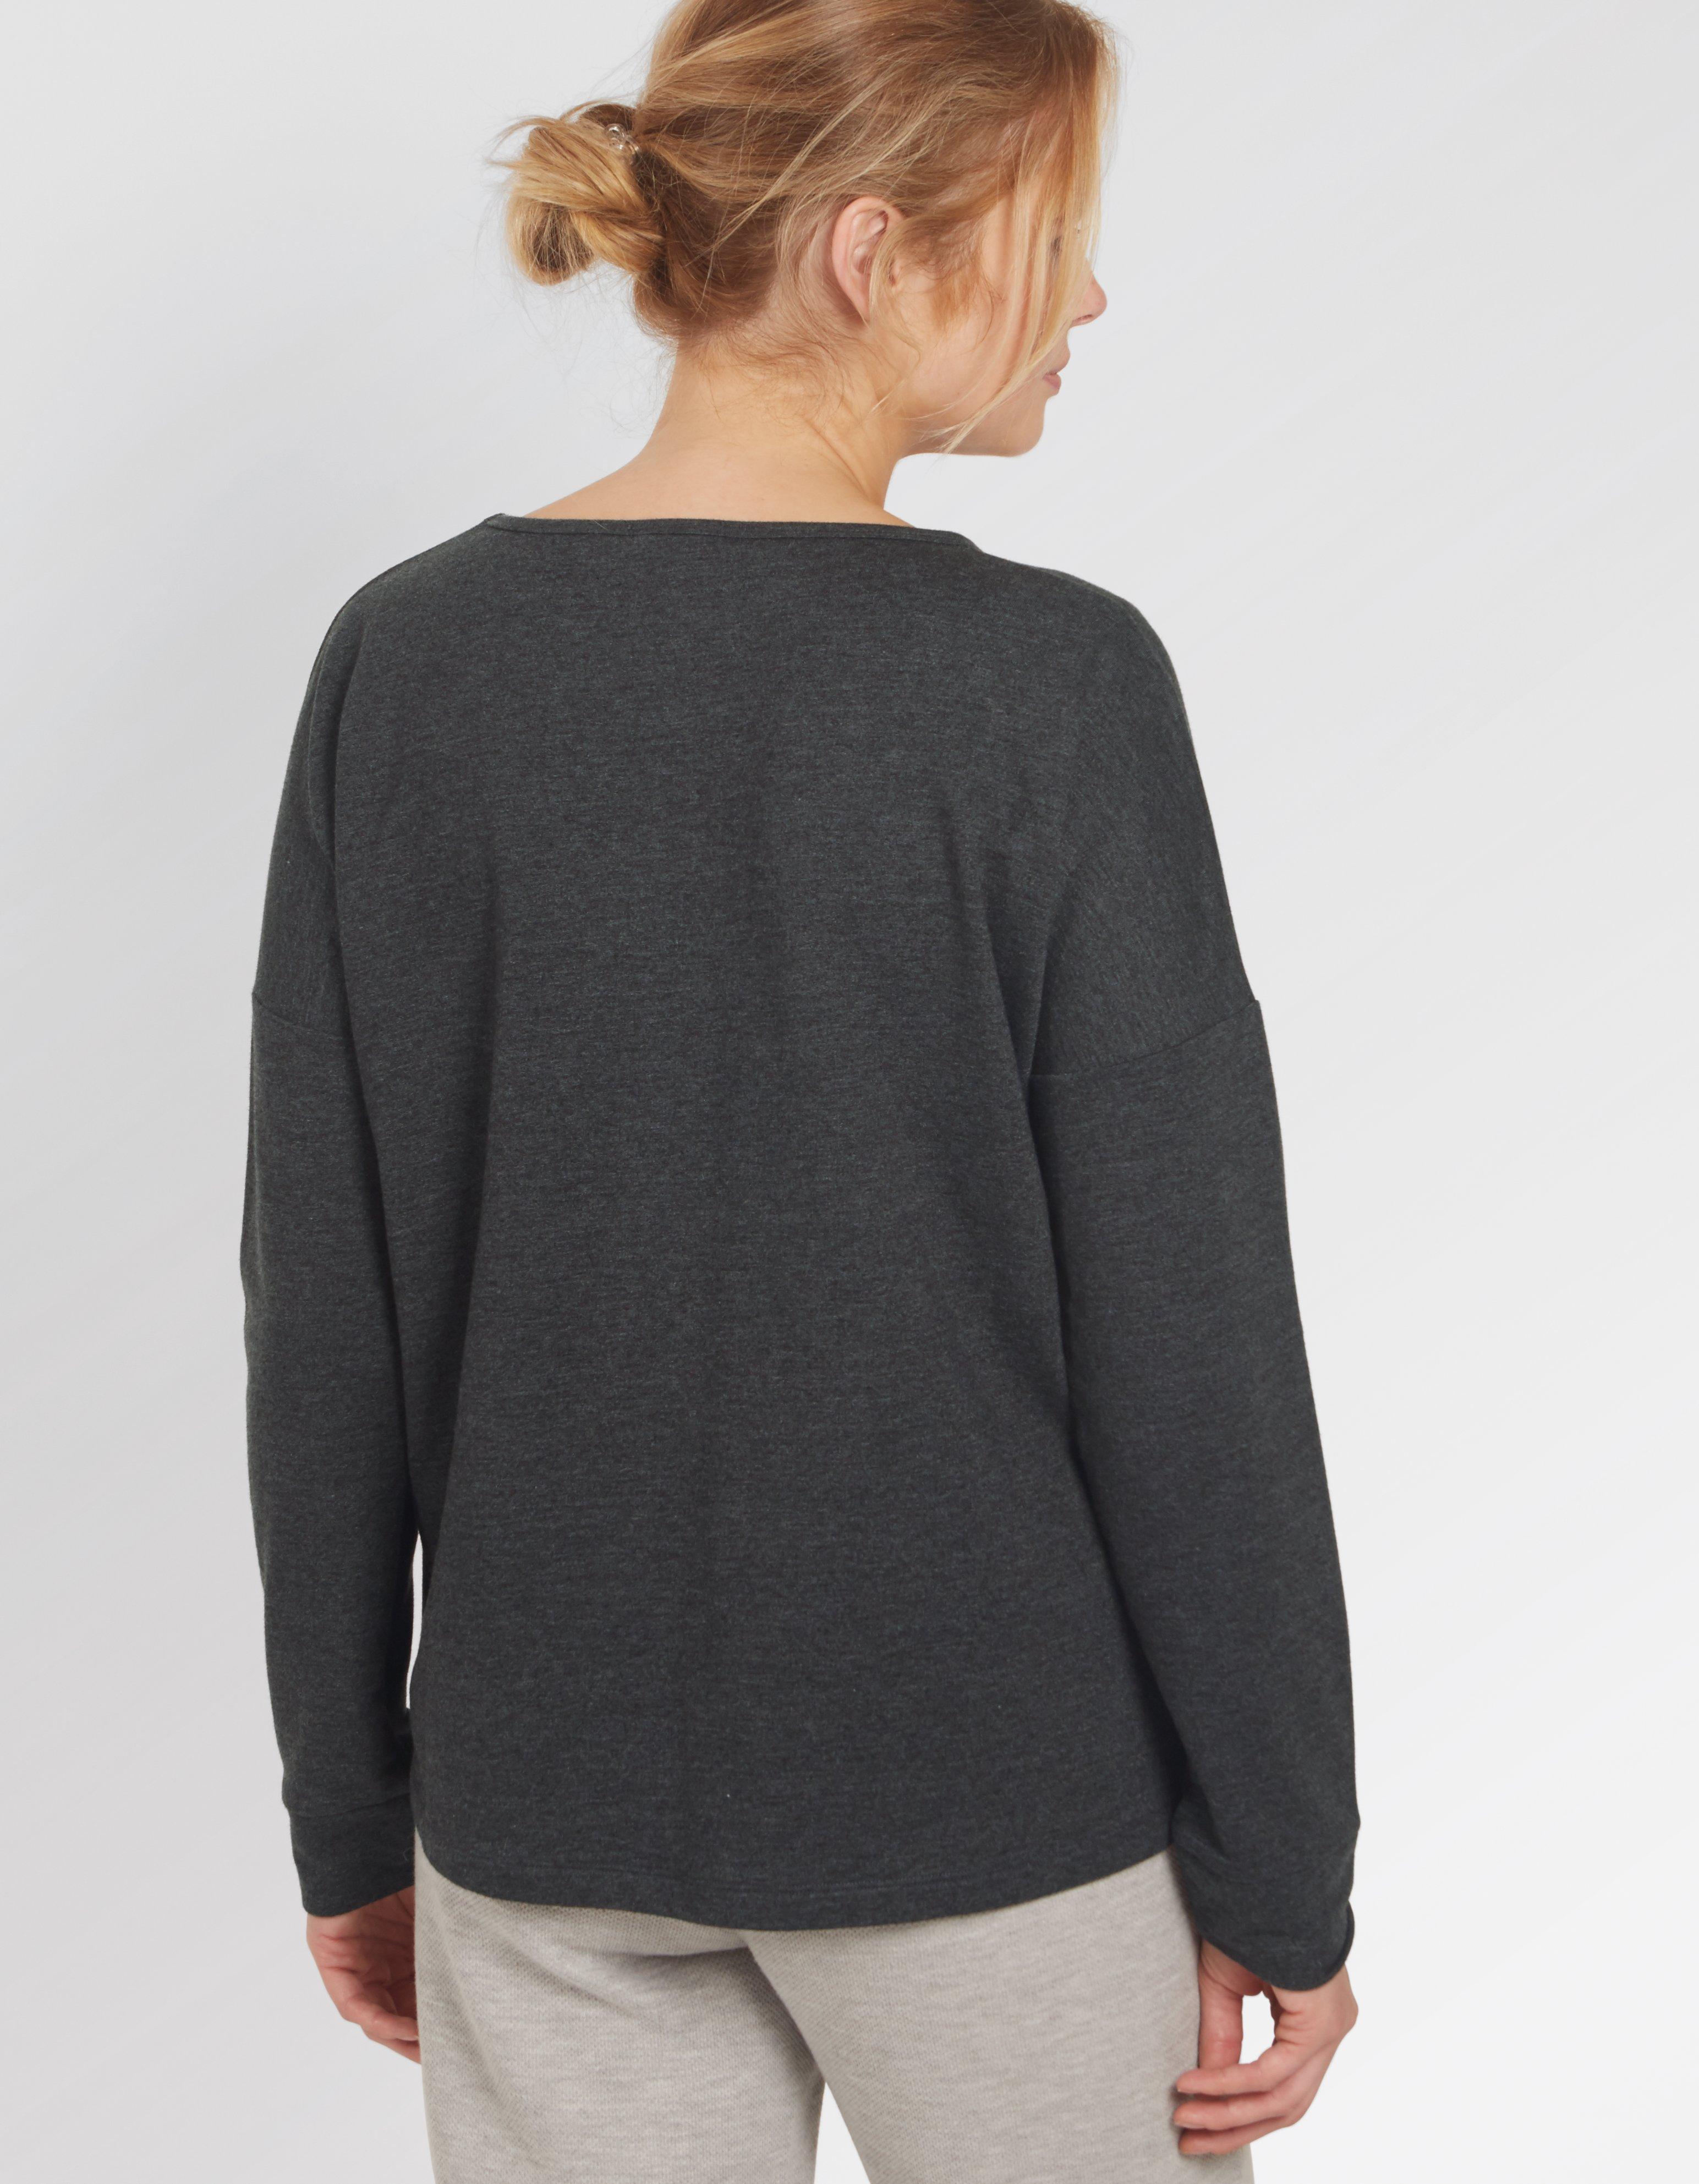 Star Gazer Crew Neck Sweat